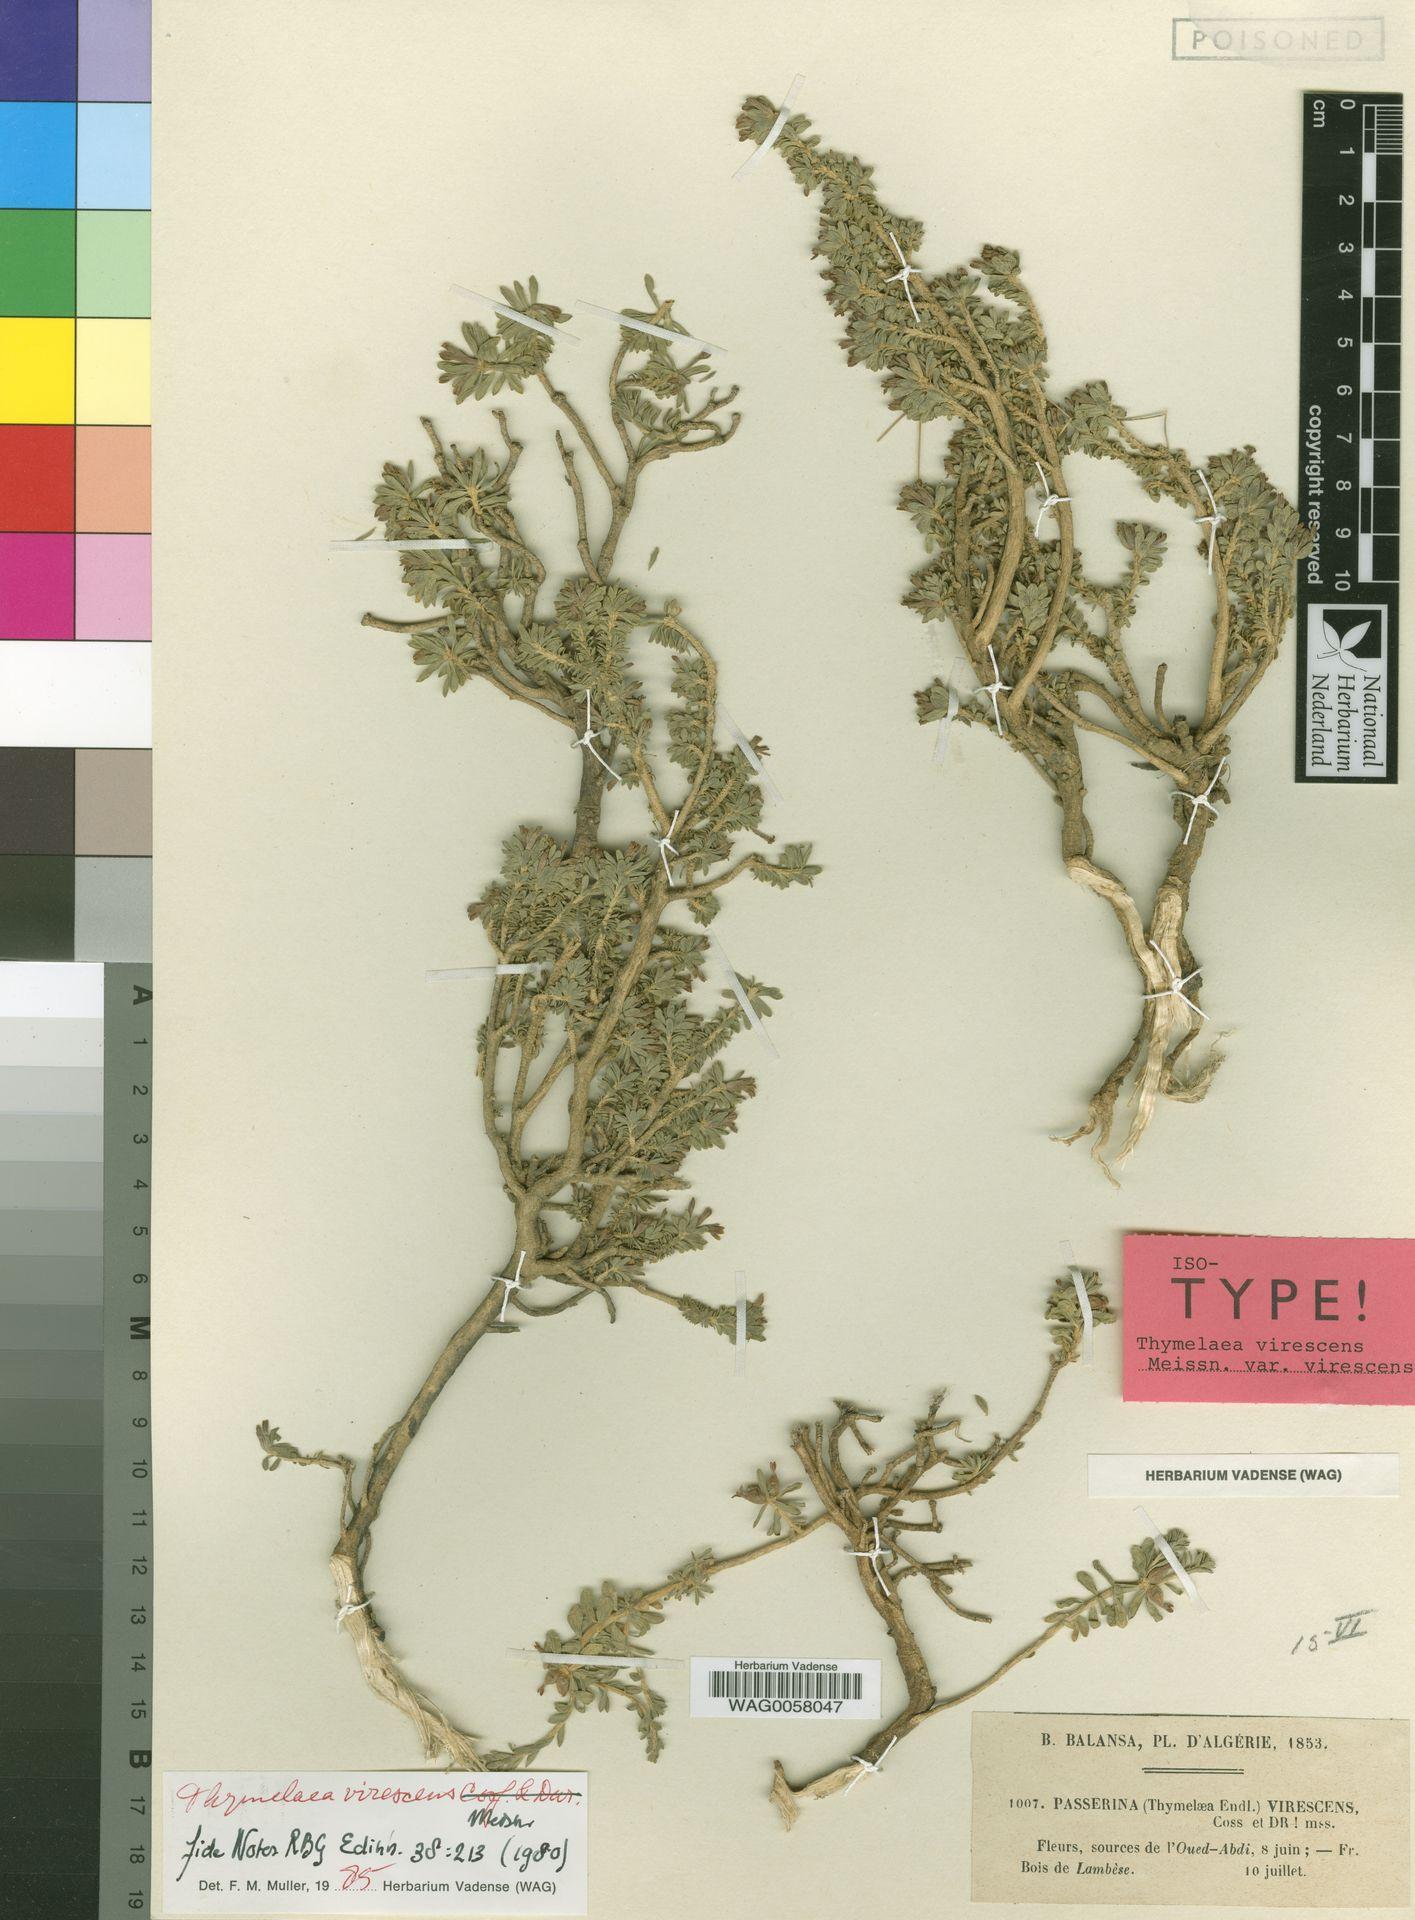 WAG0058047 | Thymelaea virescens Meisn.